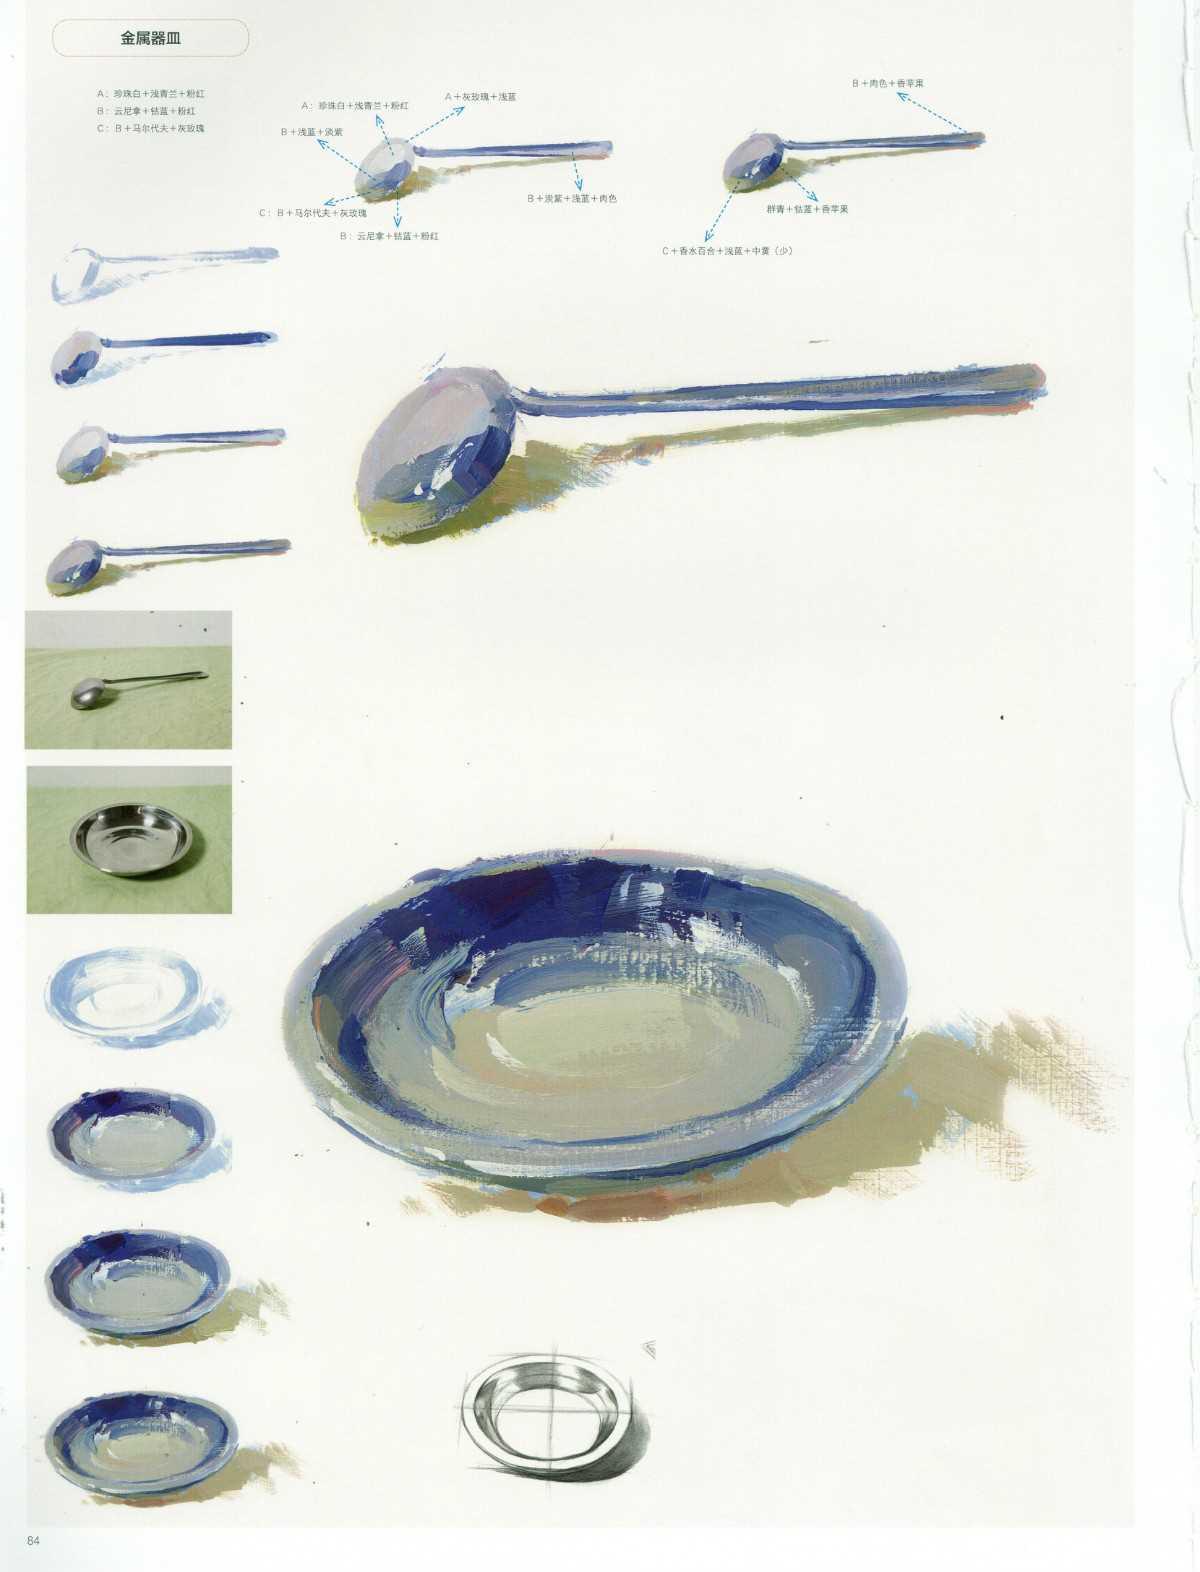 色彩金属勺子和金属盆绘画